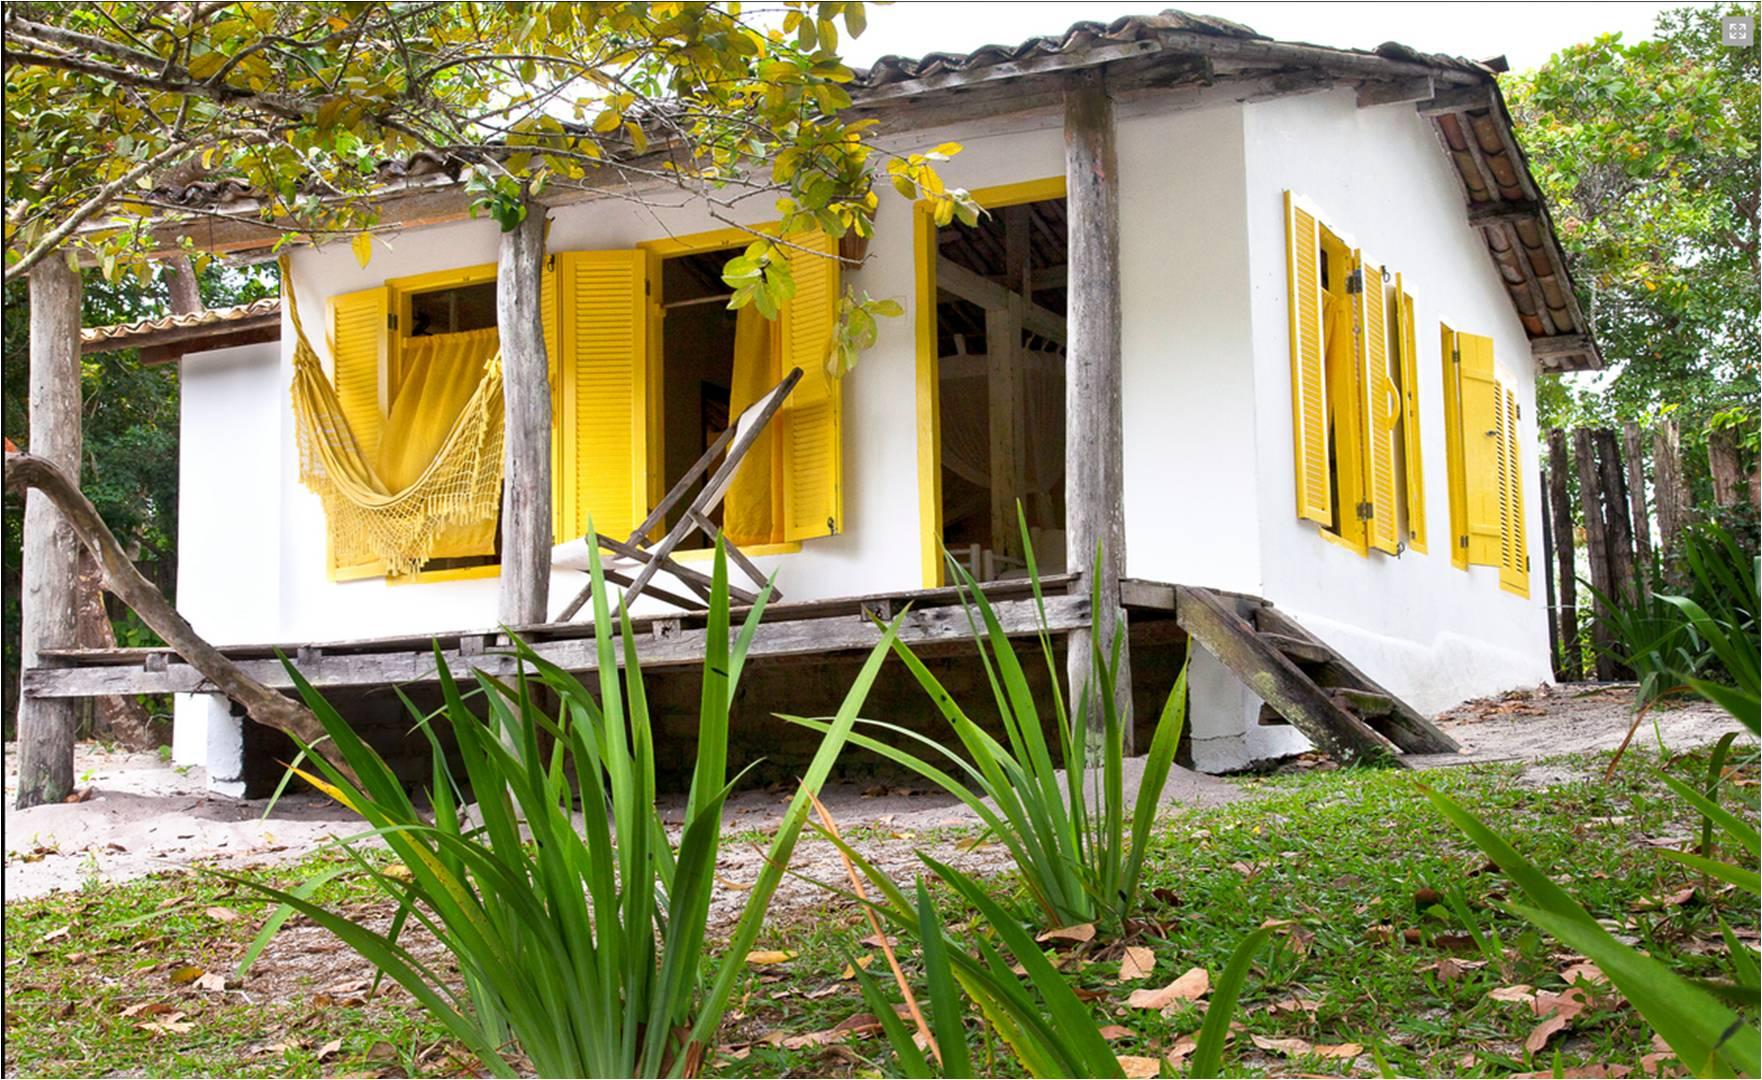 bangalo amarelo